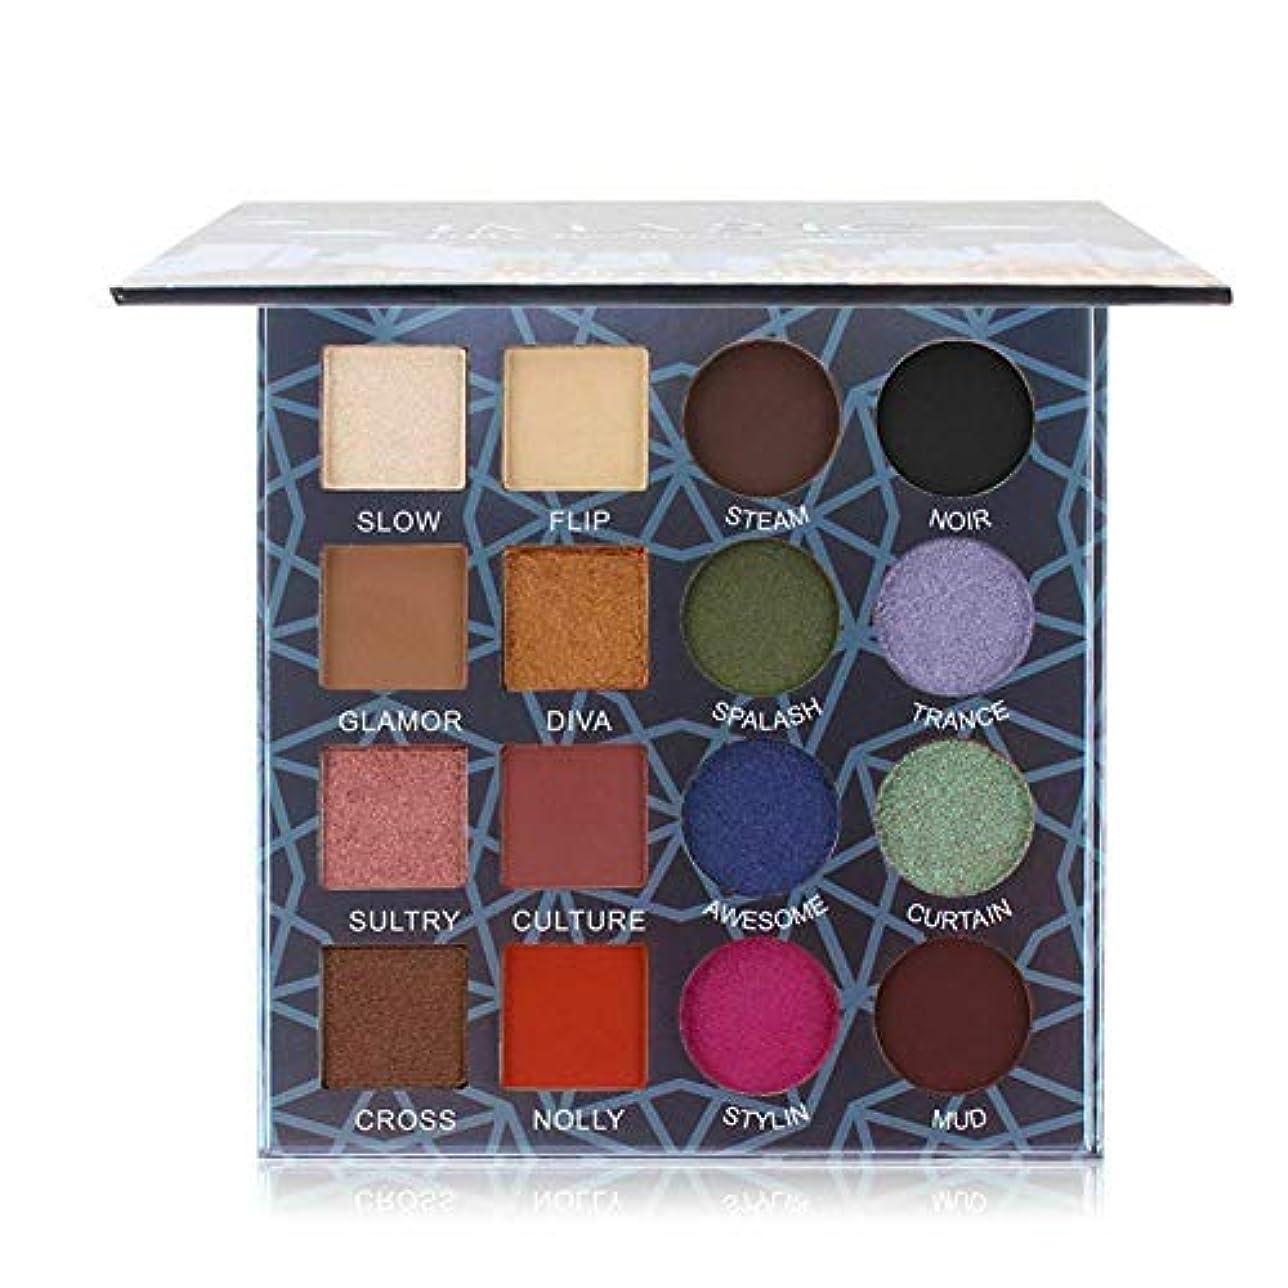 遺伝的類似性契約BETTER YOU (ベター ュー) アイシャドウトレイ、真珠光沢、マット、ミックスアイシャドウトレイ、防水、汚れやすい、16色